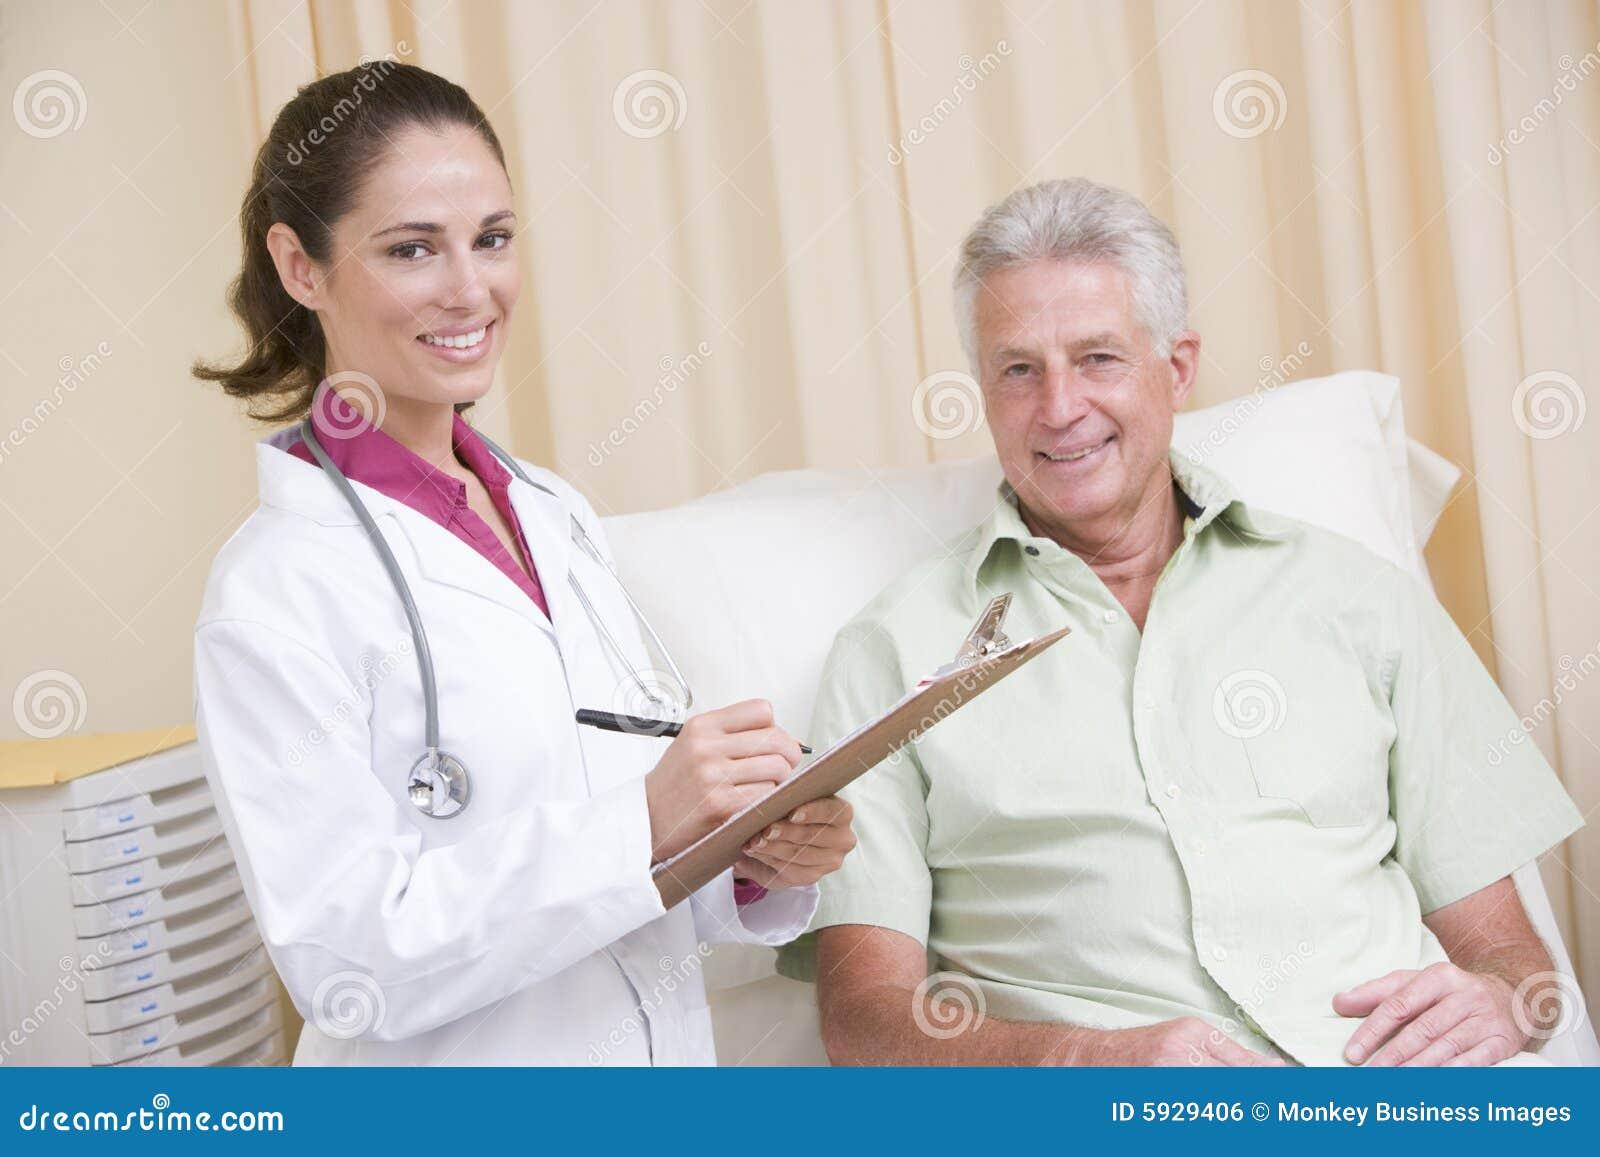 Прием у доктора дома 10 фотография